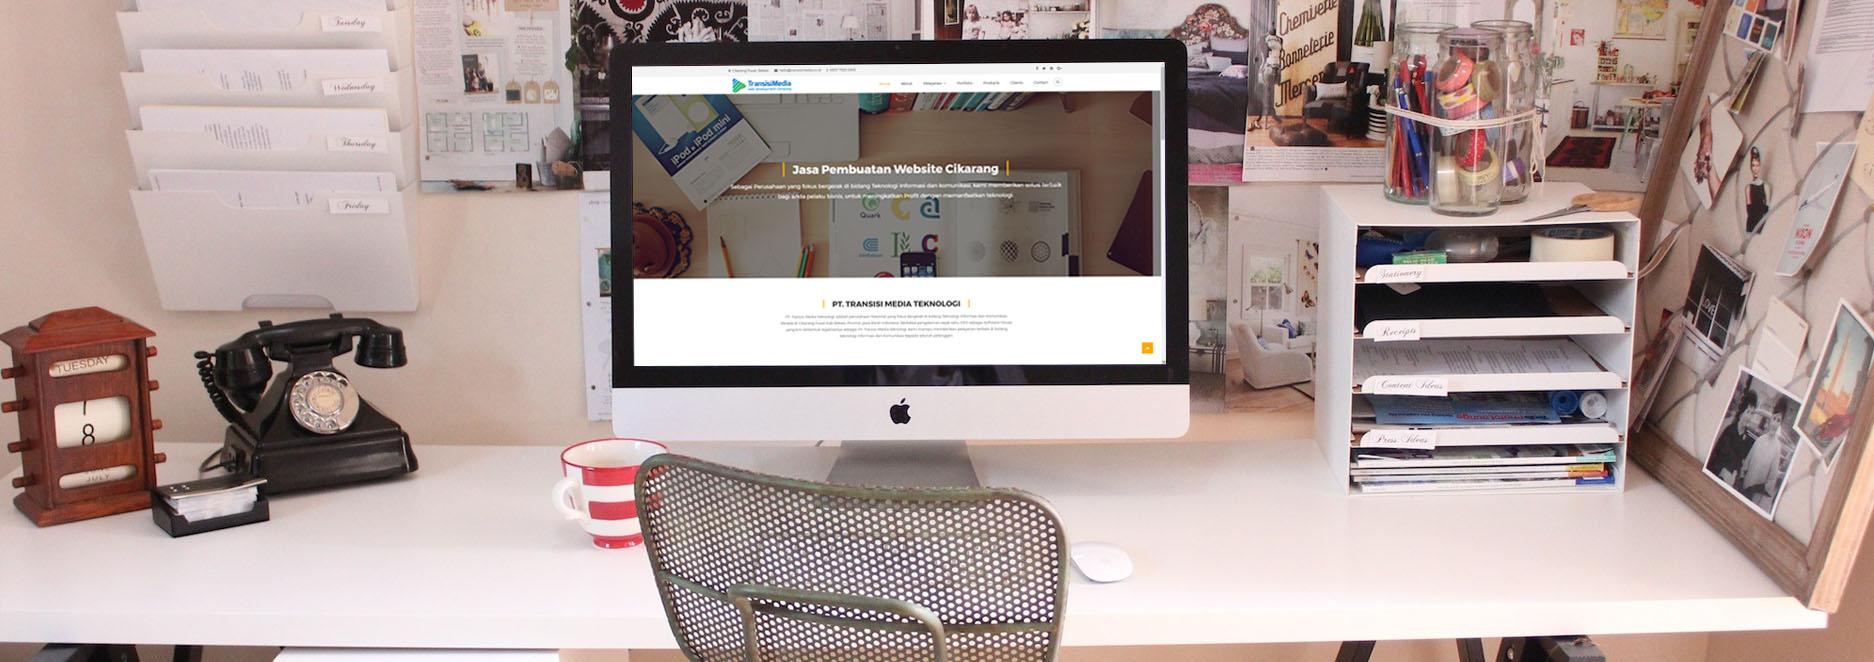 Jasa Pembuatan Website Cikarang , Jasa Pembuatan Website BekasiBekasi